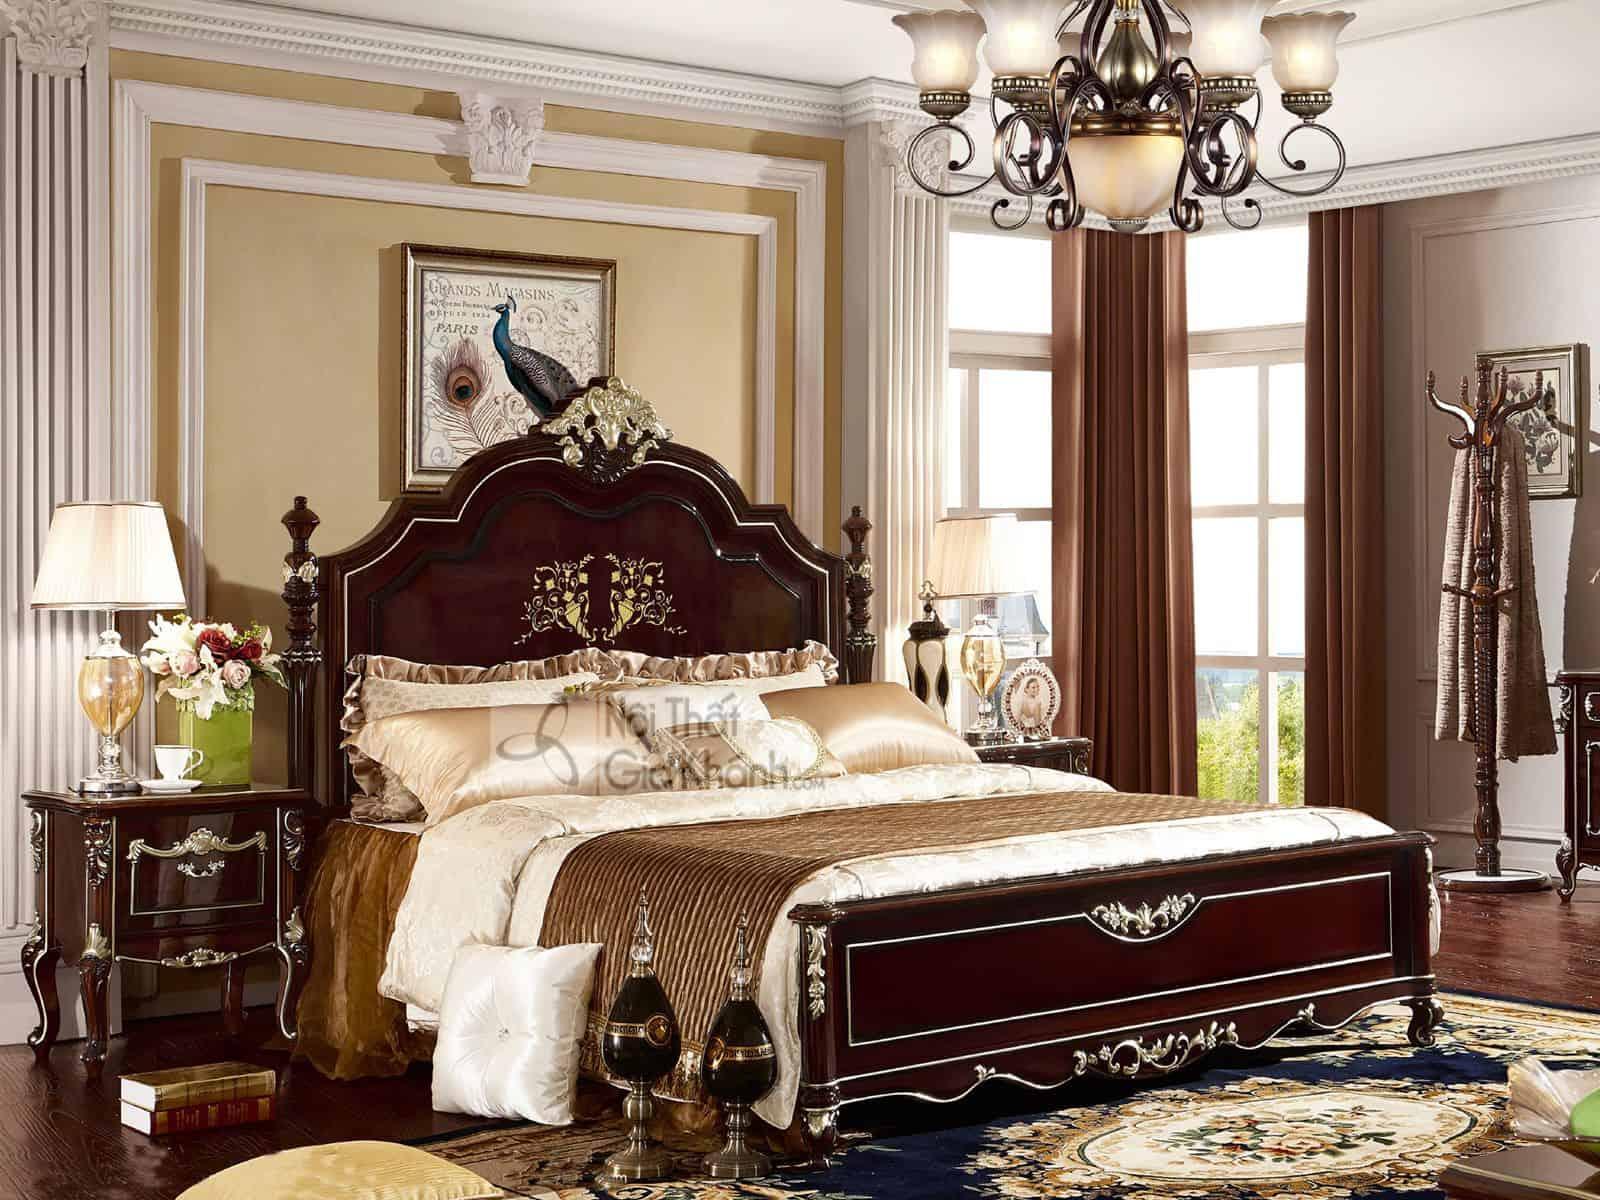 Giường ngủ màu nâu tân cổ điển G8833AL